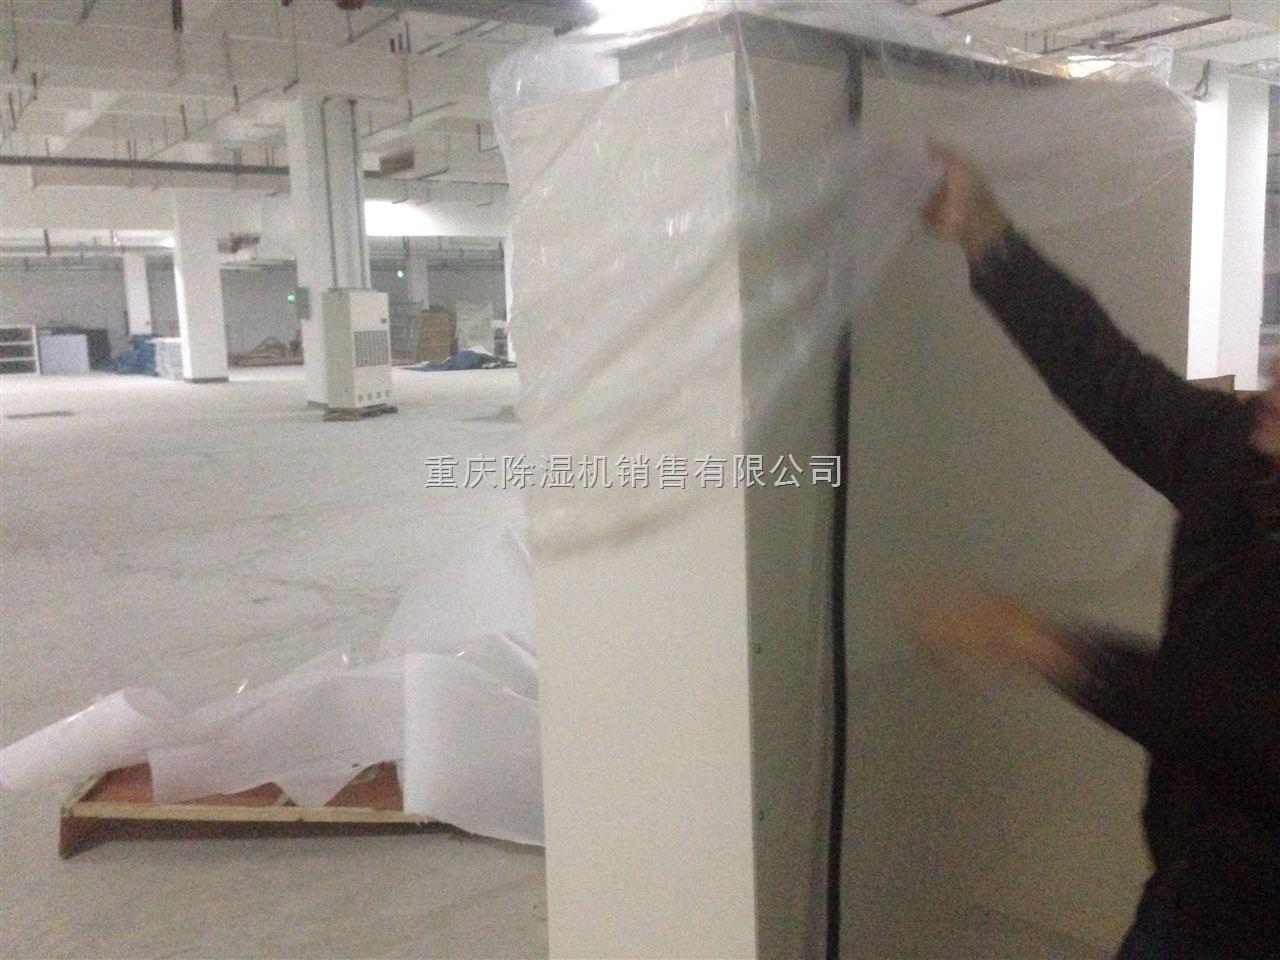 重庆云阳县有卖除湿机的吗